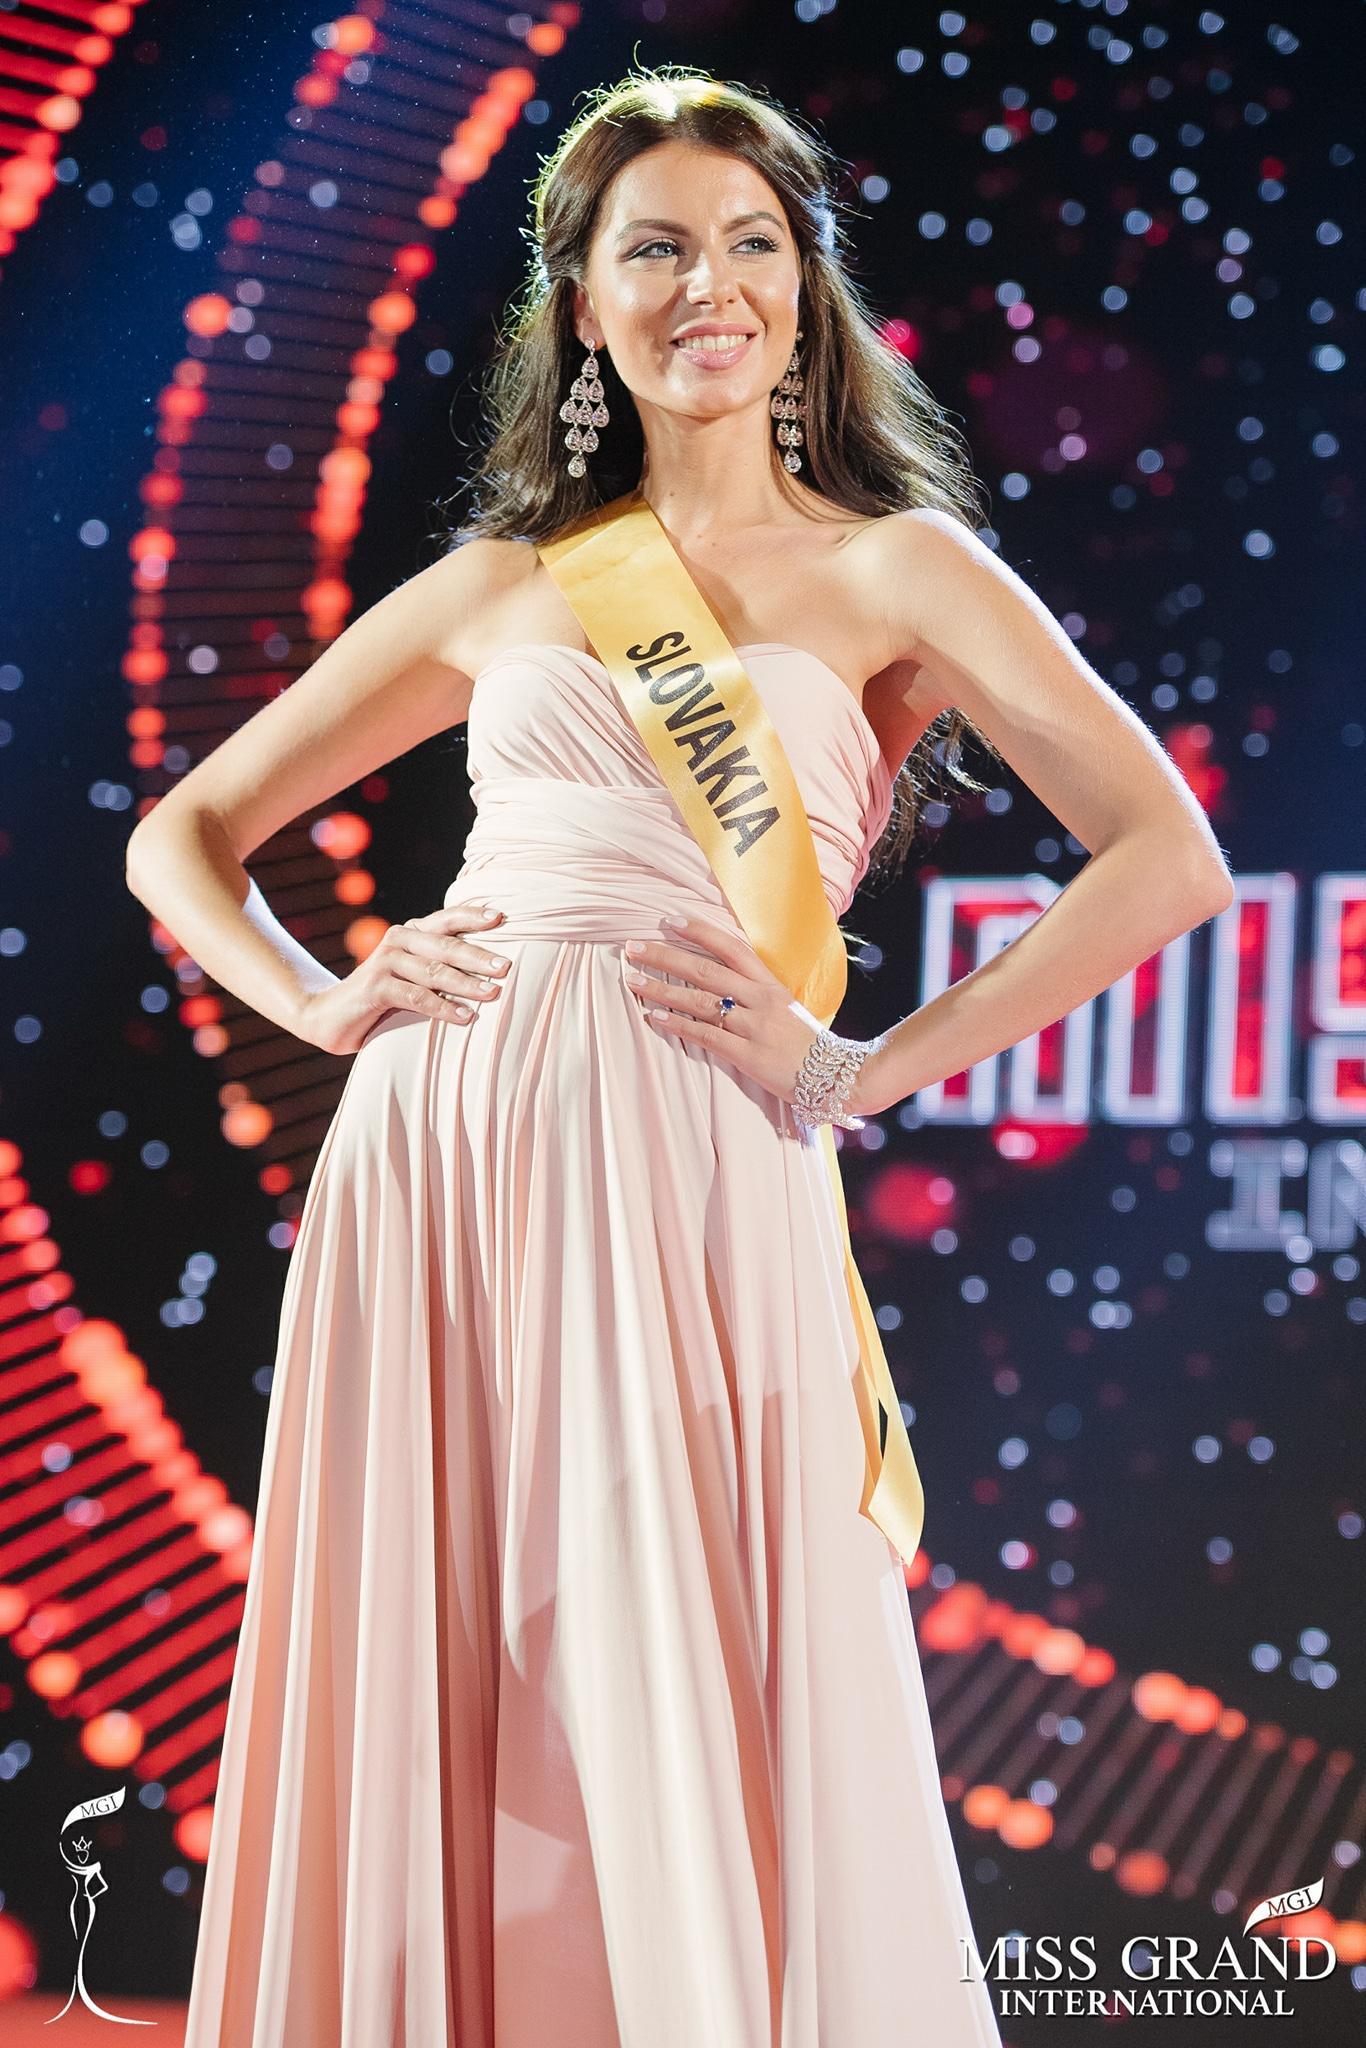 Huyền My trượt top 10 thí sinh được bình chọn nhiều nhất tại Miss Grand 2017-7